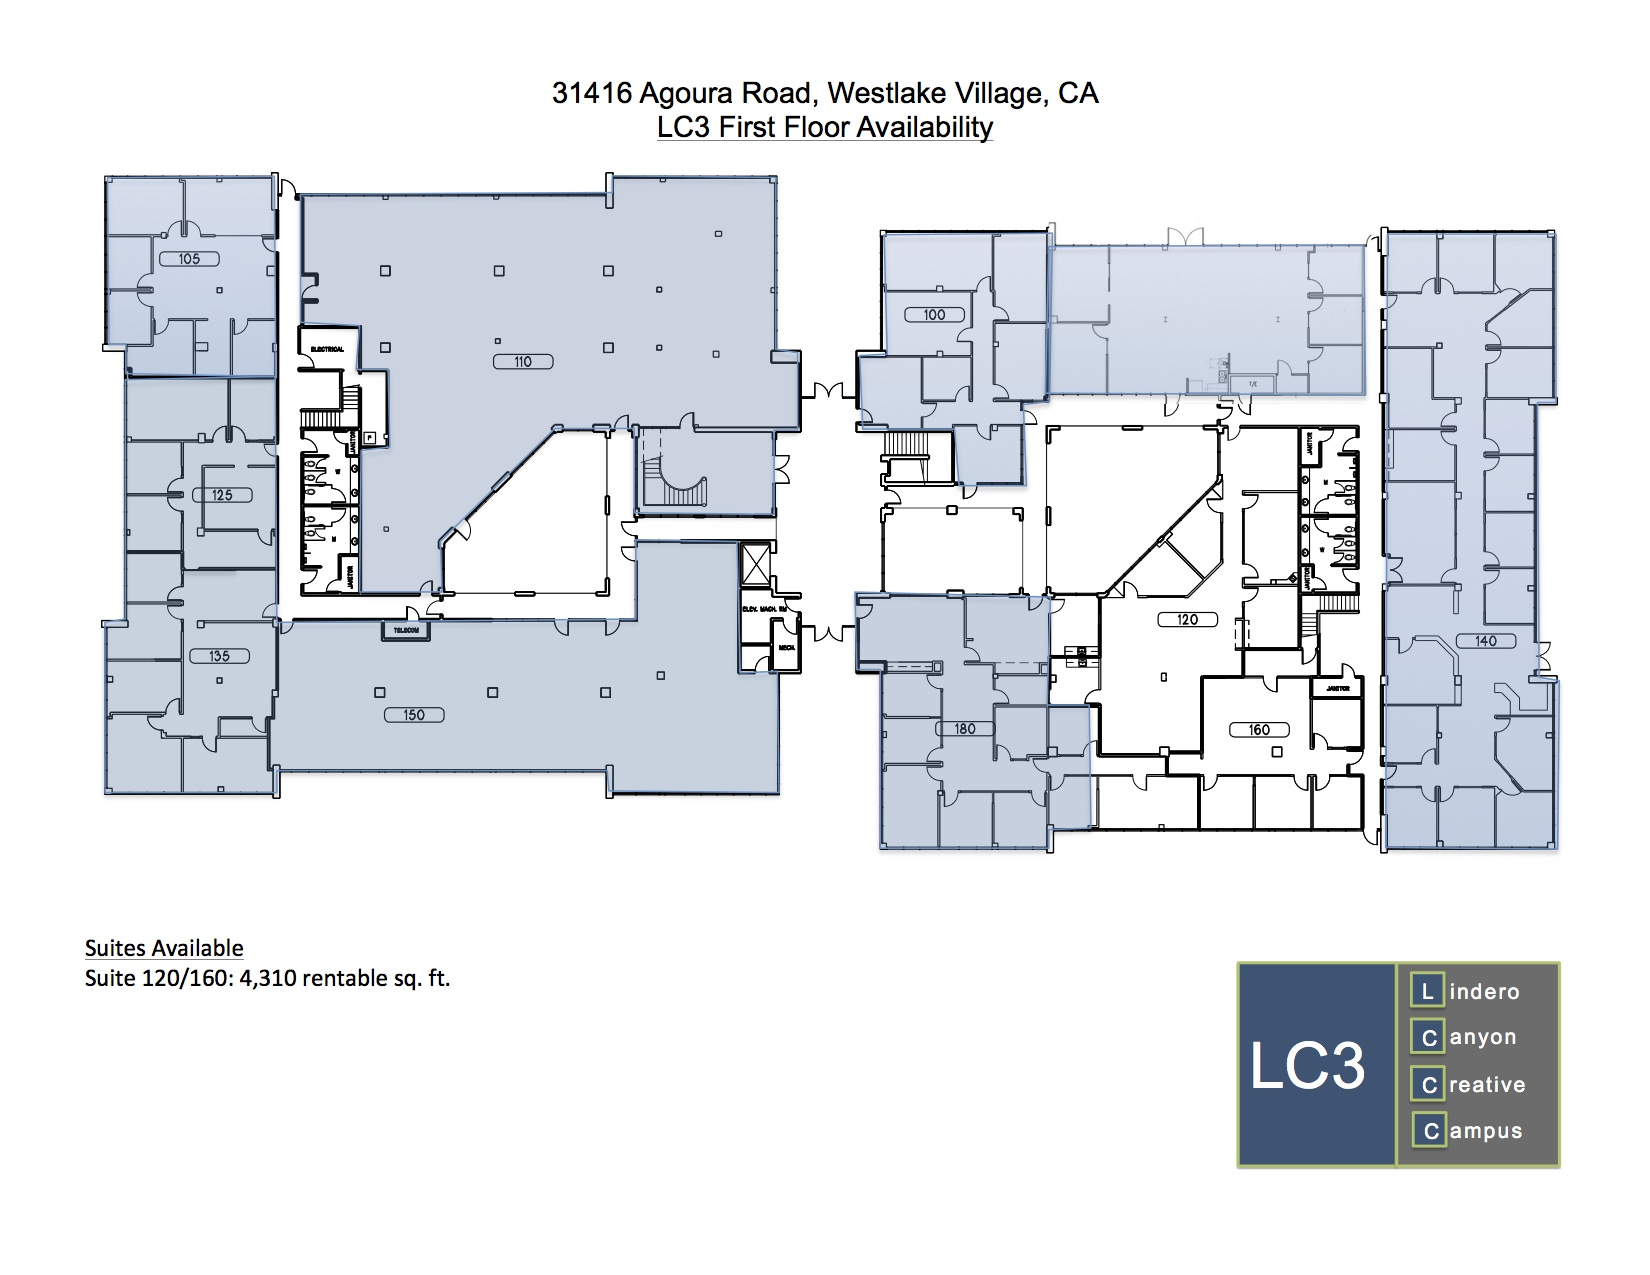 Creative Office Floor Plans: Floor Plans- LC3